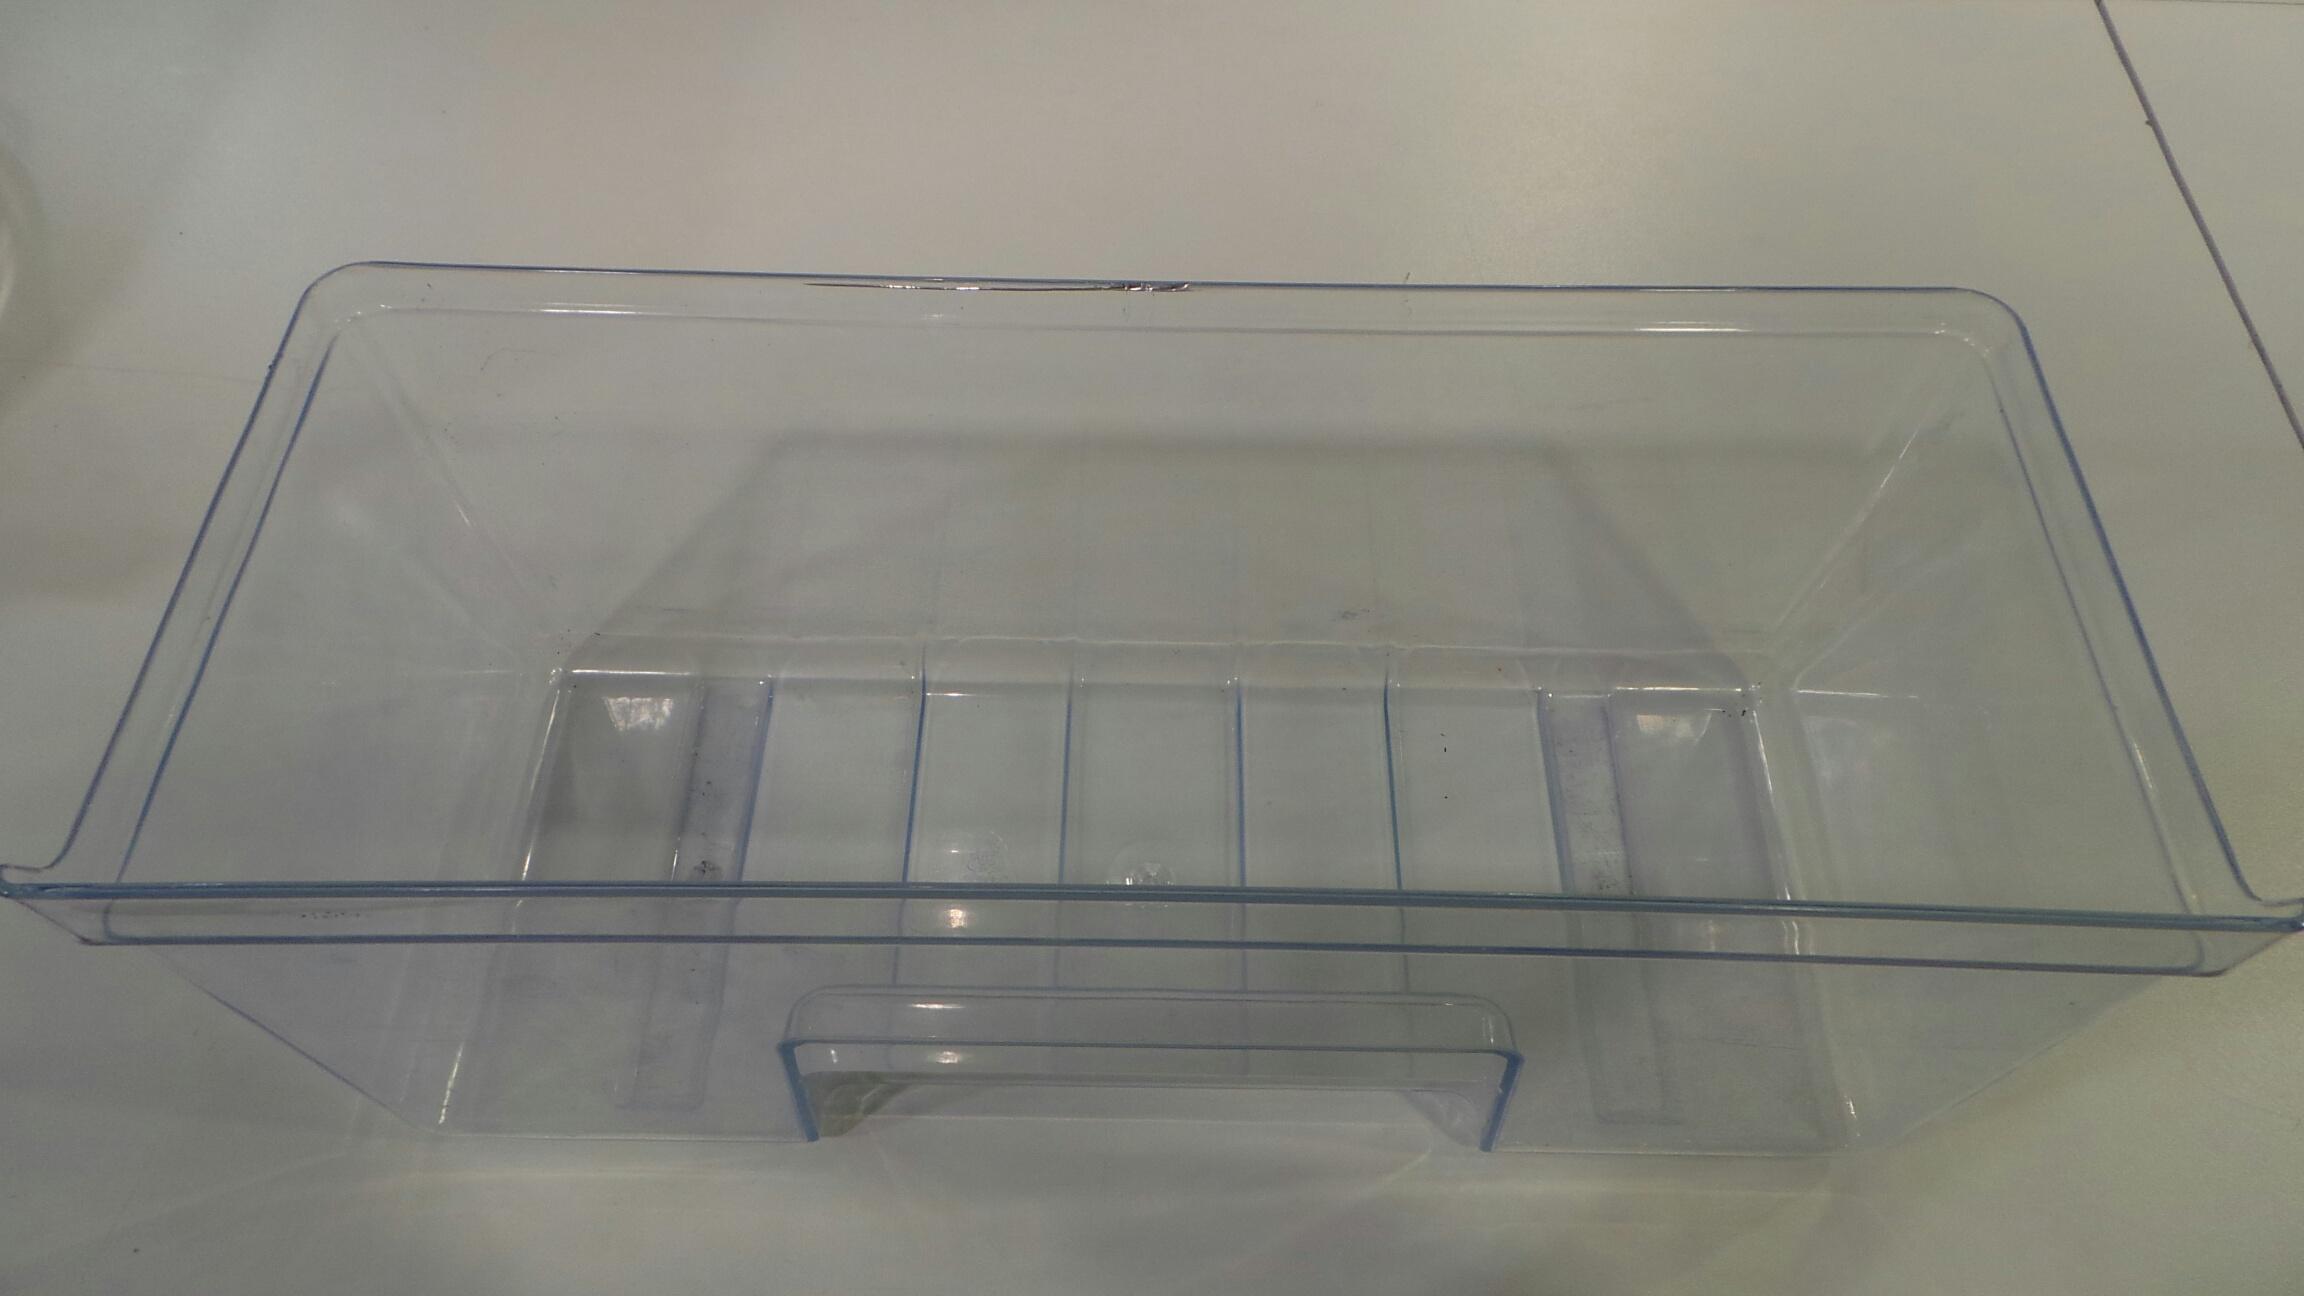 Amica Kühlschrank Gut Oder Schlecht : Gemüsebehälter groß gebr. für stand kühlschrank amica dekadis gmbh